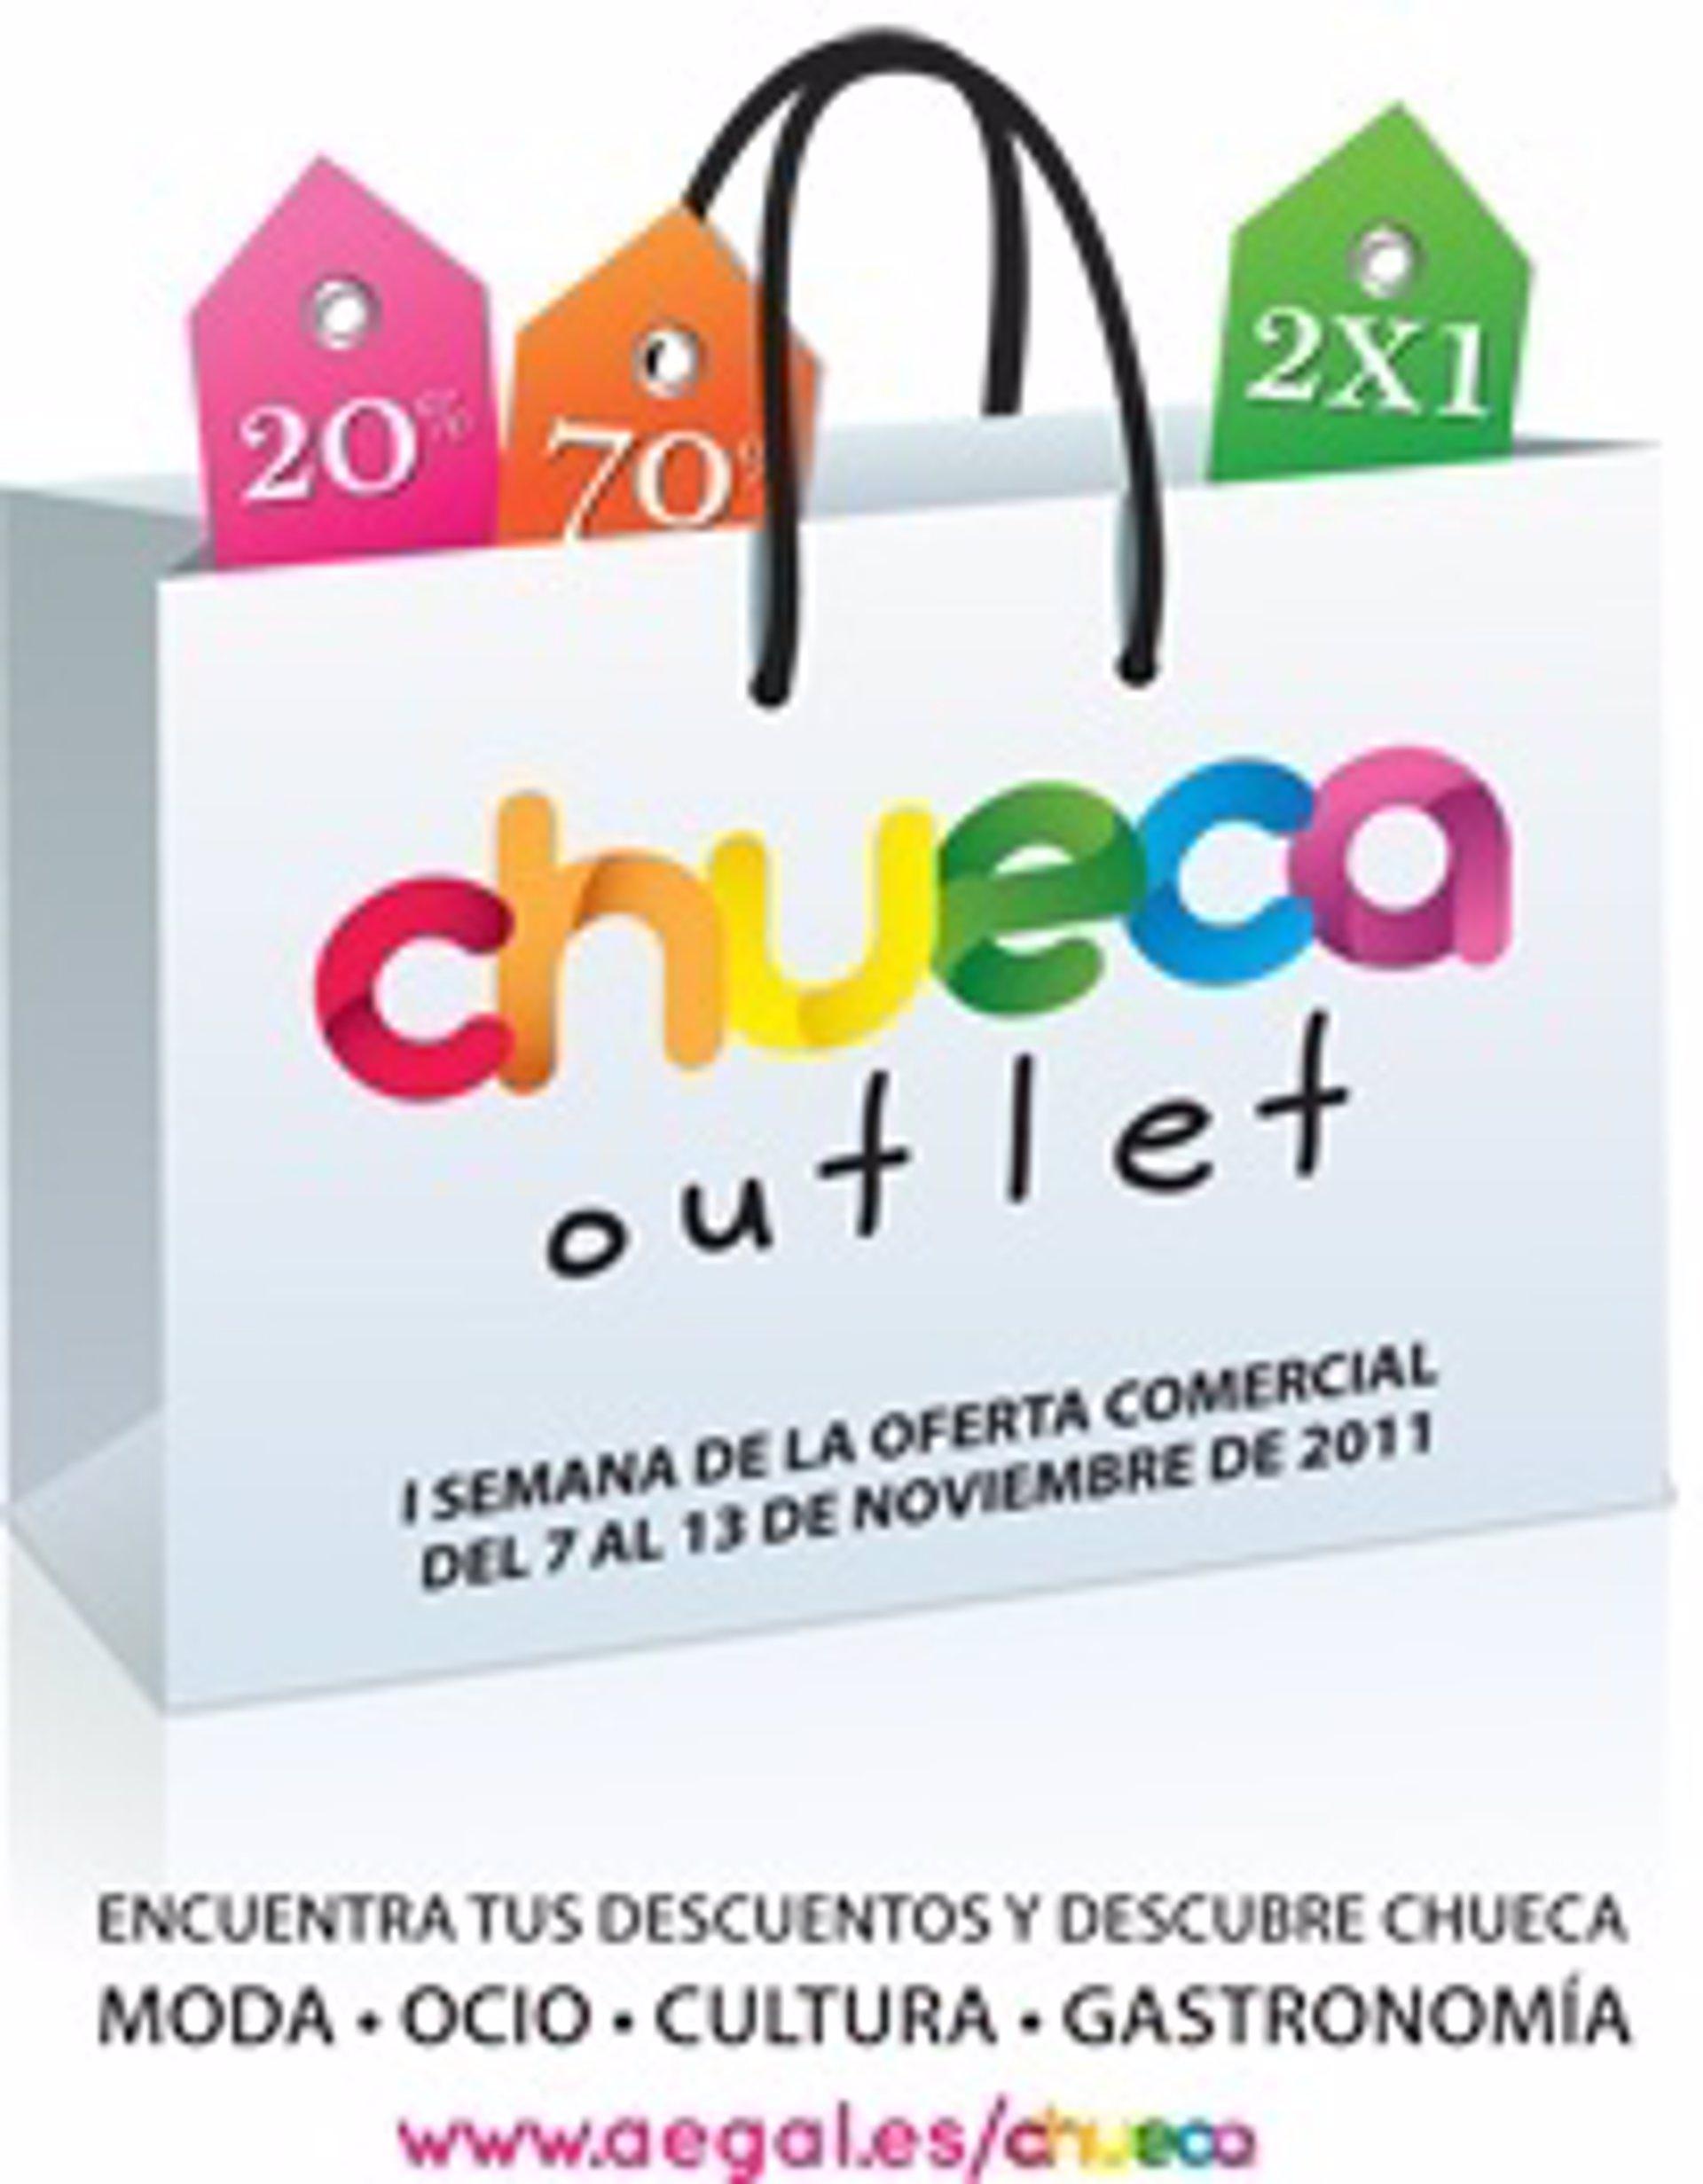 041c3c44aa0bb Un total de 130 tiendas ofrecerán ofertas y descuentos la próxima semana en   Chueca Outlet